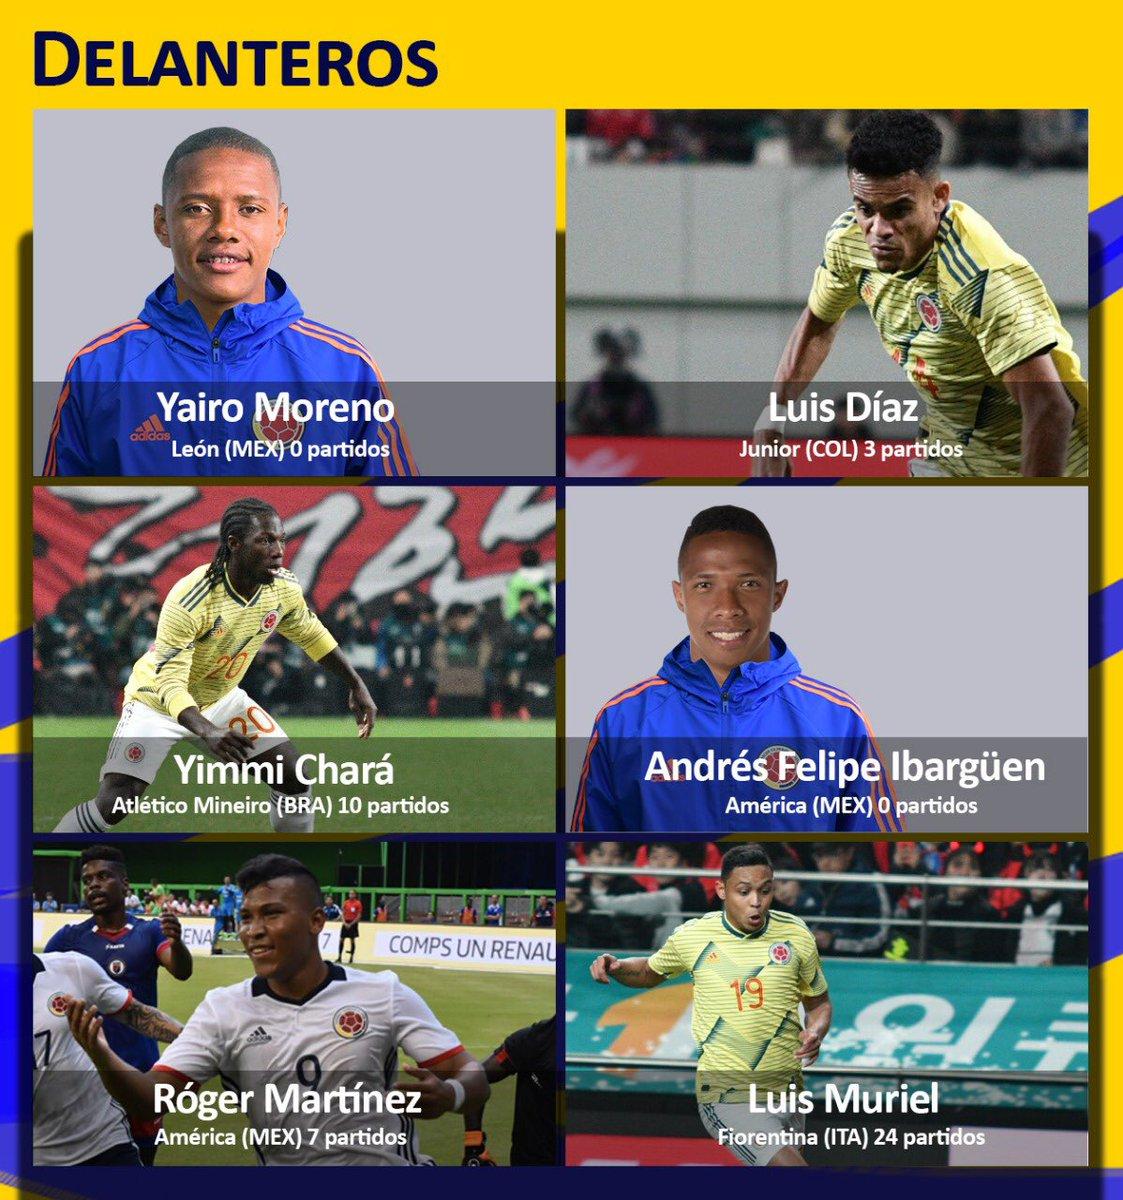 Estos son los delanteros de la Selección Colombia en la lista provisional de la @CopaAmerica.   #ListaDe40